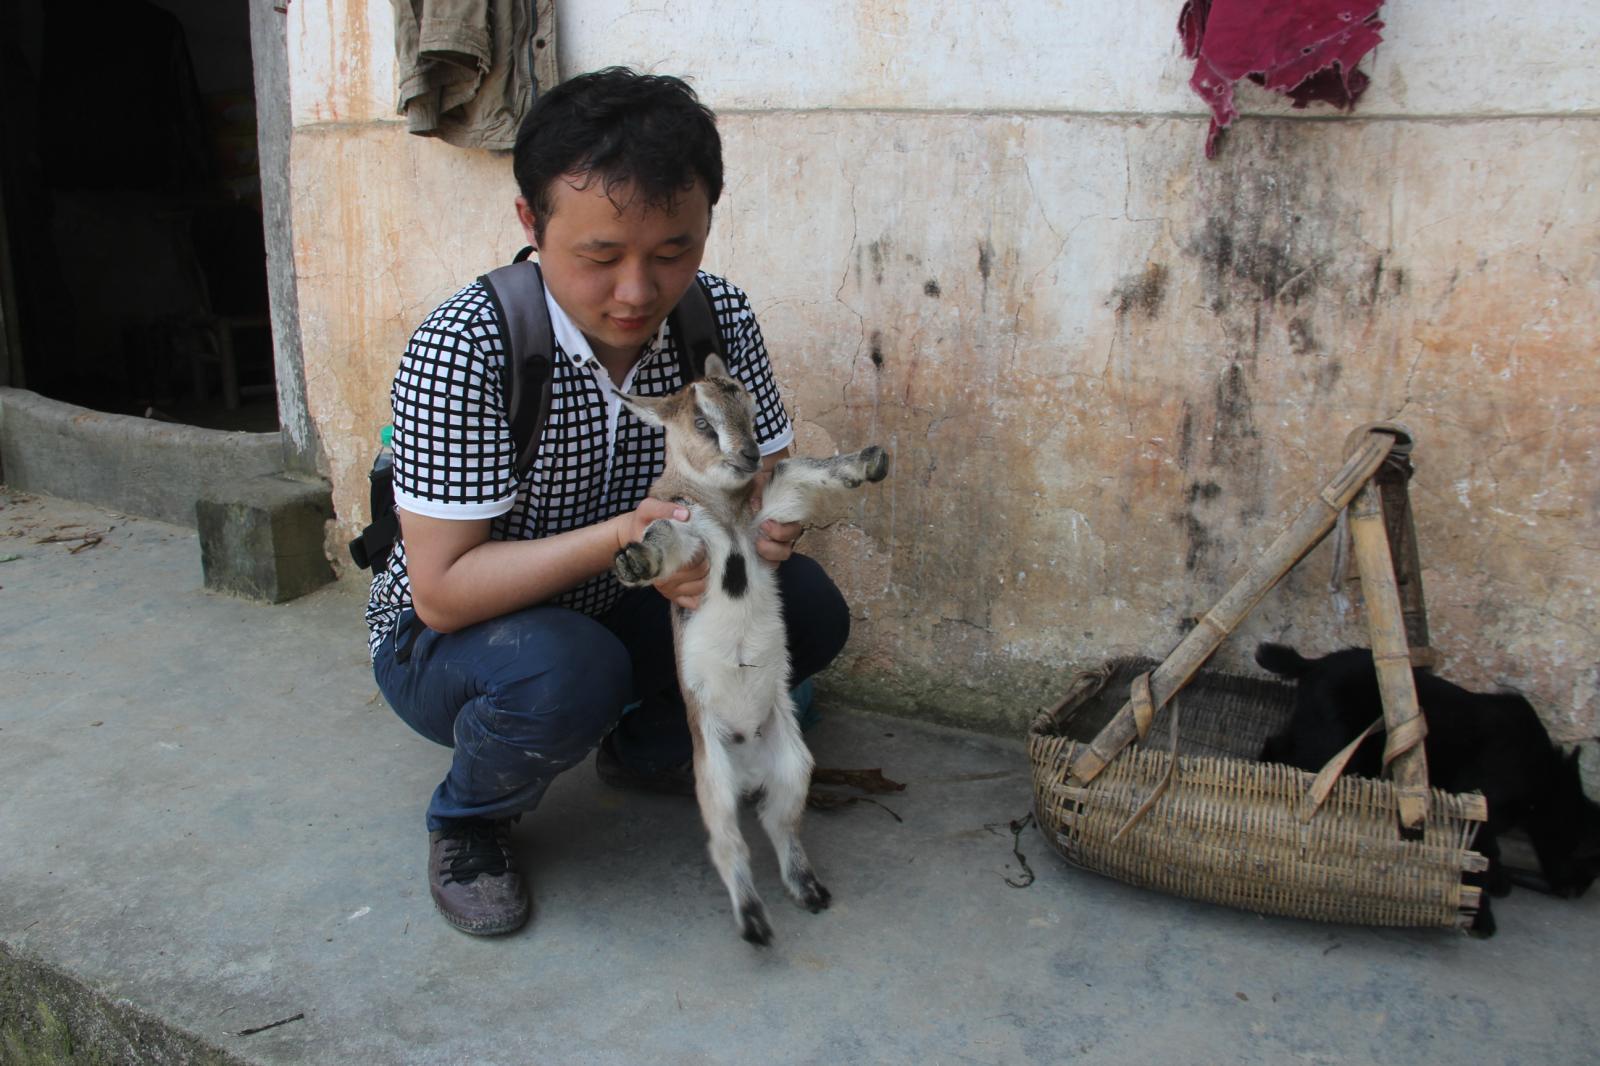 我们琅里同志,忍不住拥抱可爱的小羊羔